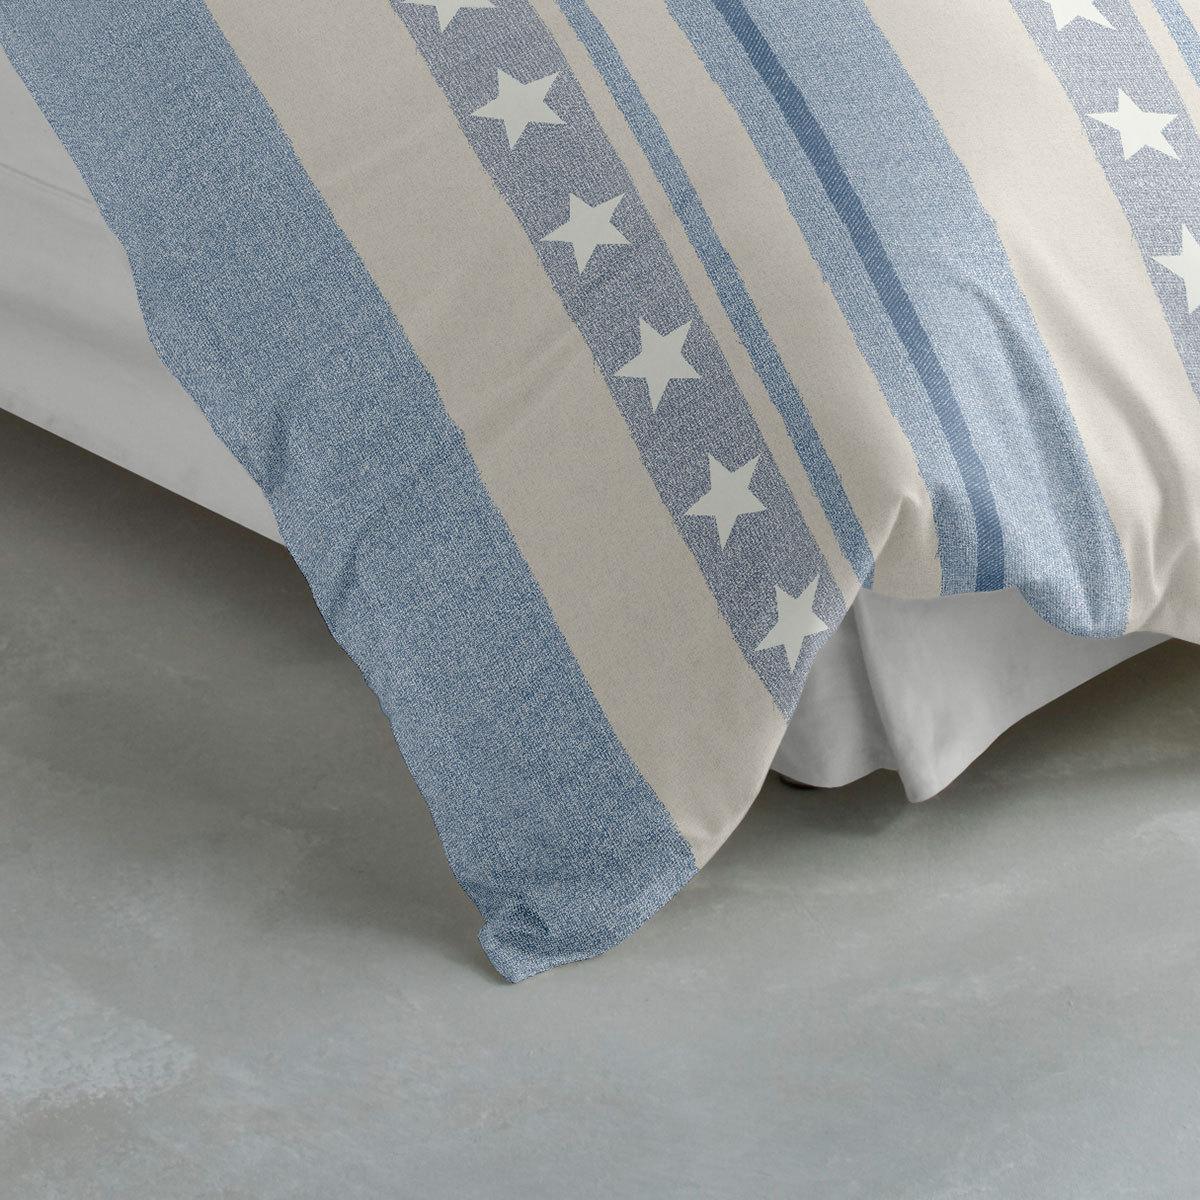 traumschlaf biber bettw sche sterne blau g nstig online. Black Bedroom Furniture Sets. Home Design Ideas